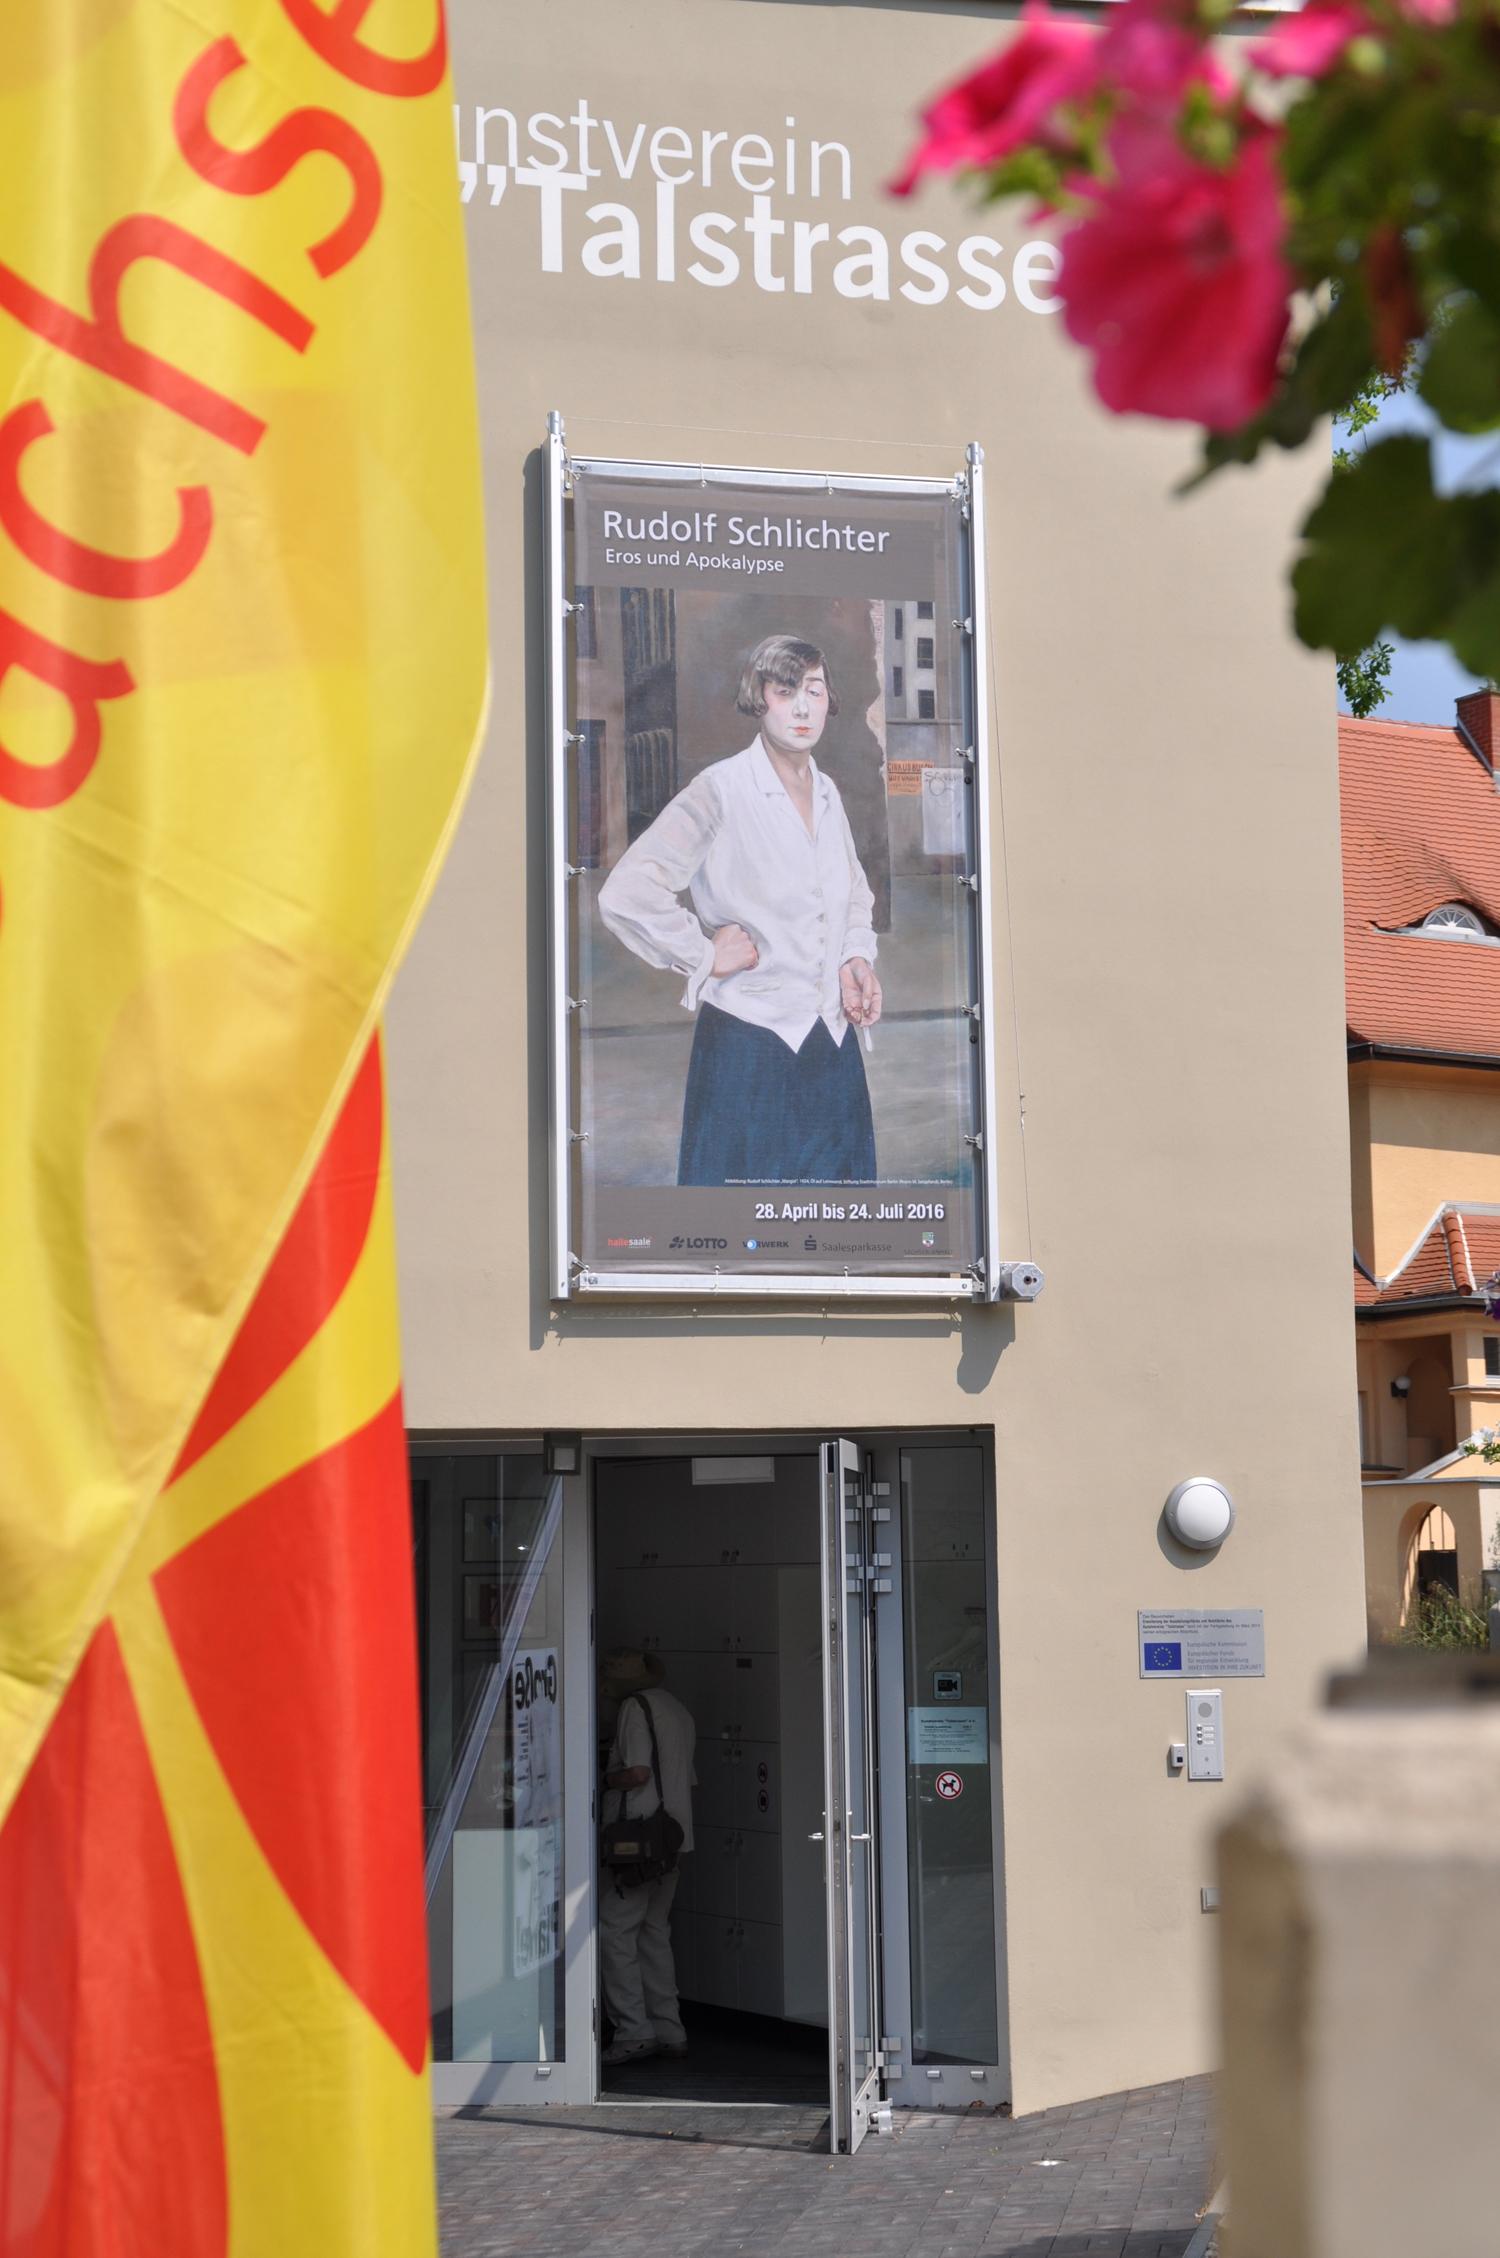 """Schlichter 2016 in der Kunsthalle """"Talstrasse"""" / © Viola Roehr-v. Alvensleben, München; Kunstverein """"Talstrasse"""" e.V., 2016"""